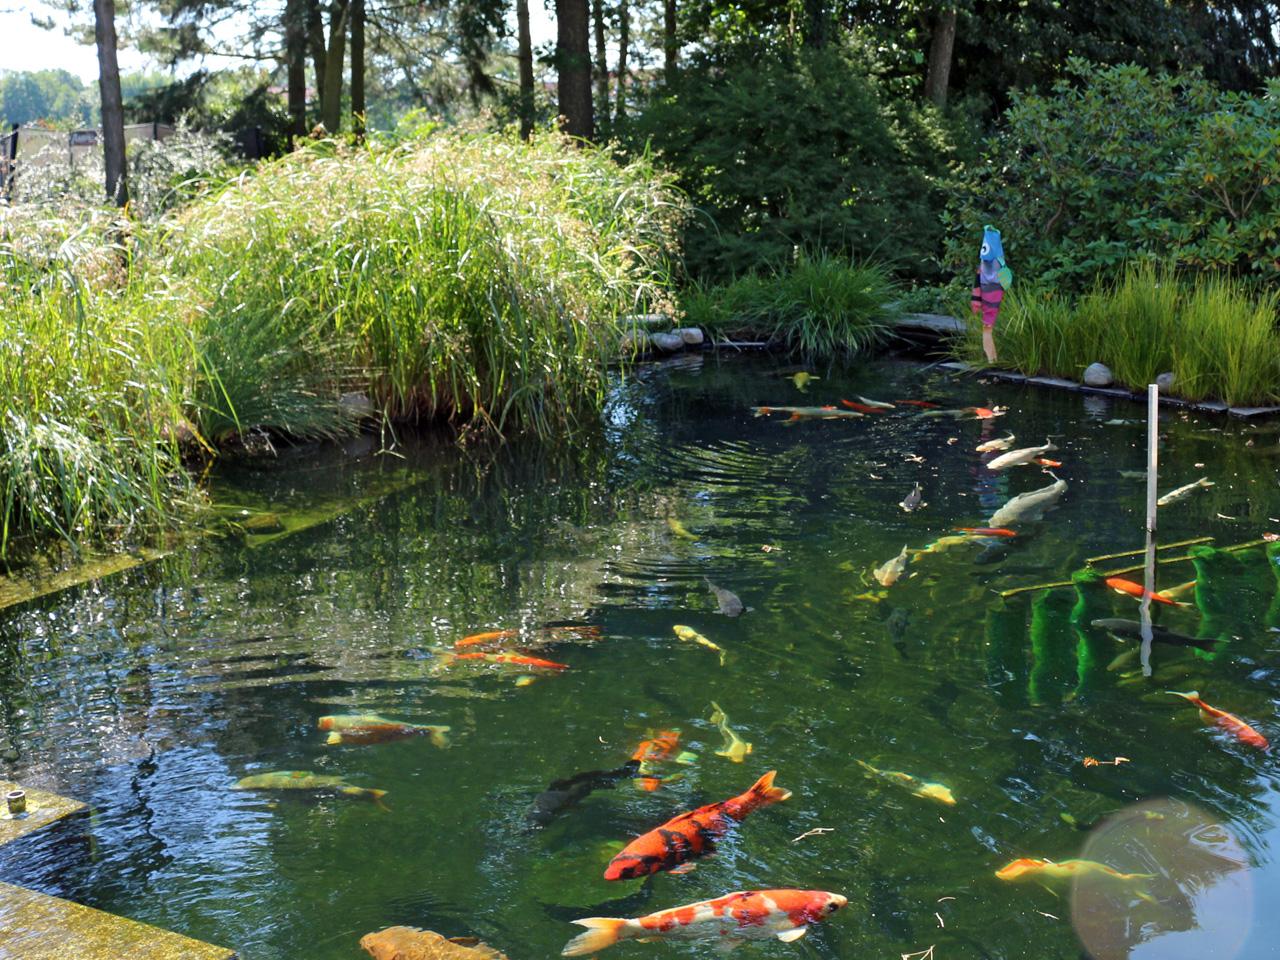 Der Koiteich, die wohl anspruchsvollste Art und Weise einen Teich zu betreiben. Wir als Profis wissen worauf es ankommt.